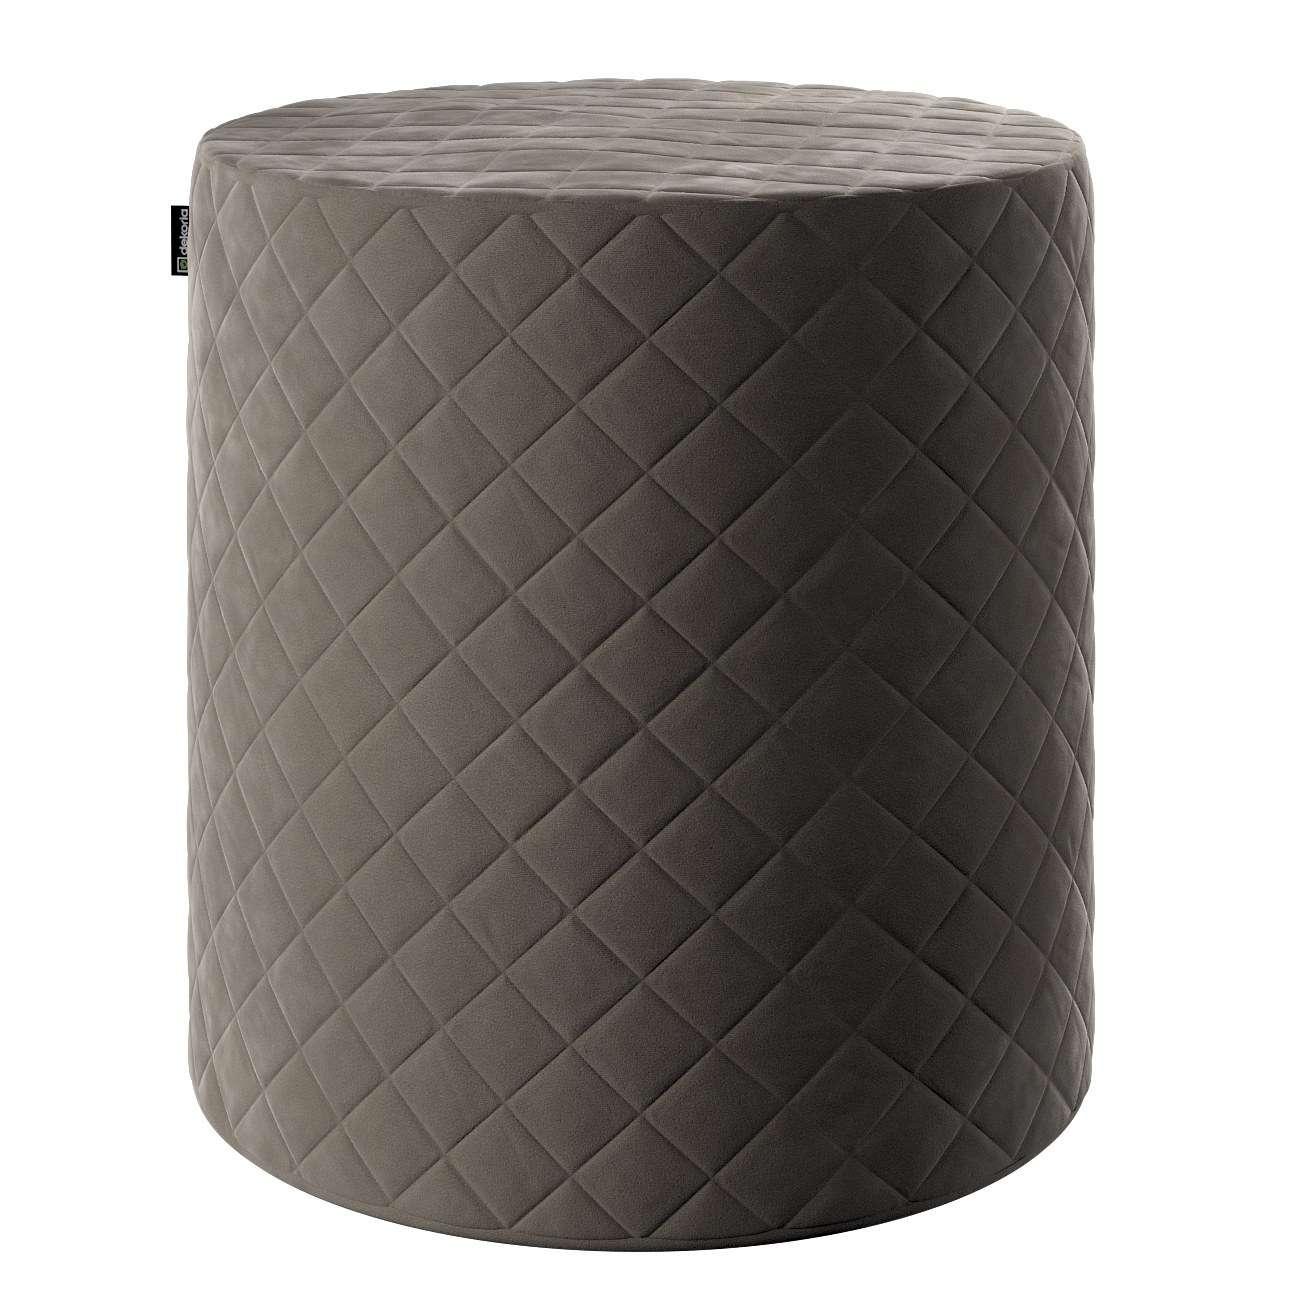 Pouf Barrel gesteppt, grau-beige, ø 40 x 40 cm, Velvet | Wohnzimmer > Hocker & Poufs > Poufs | Stoff | Dekoria